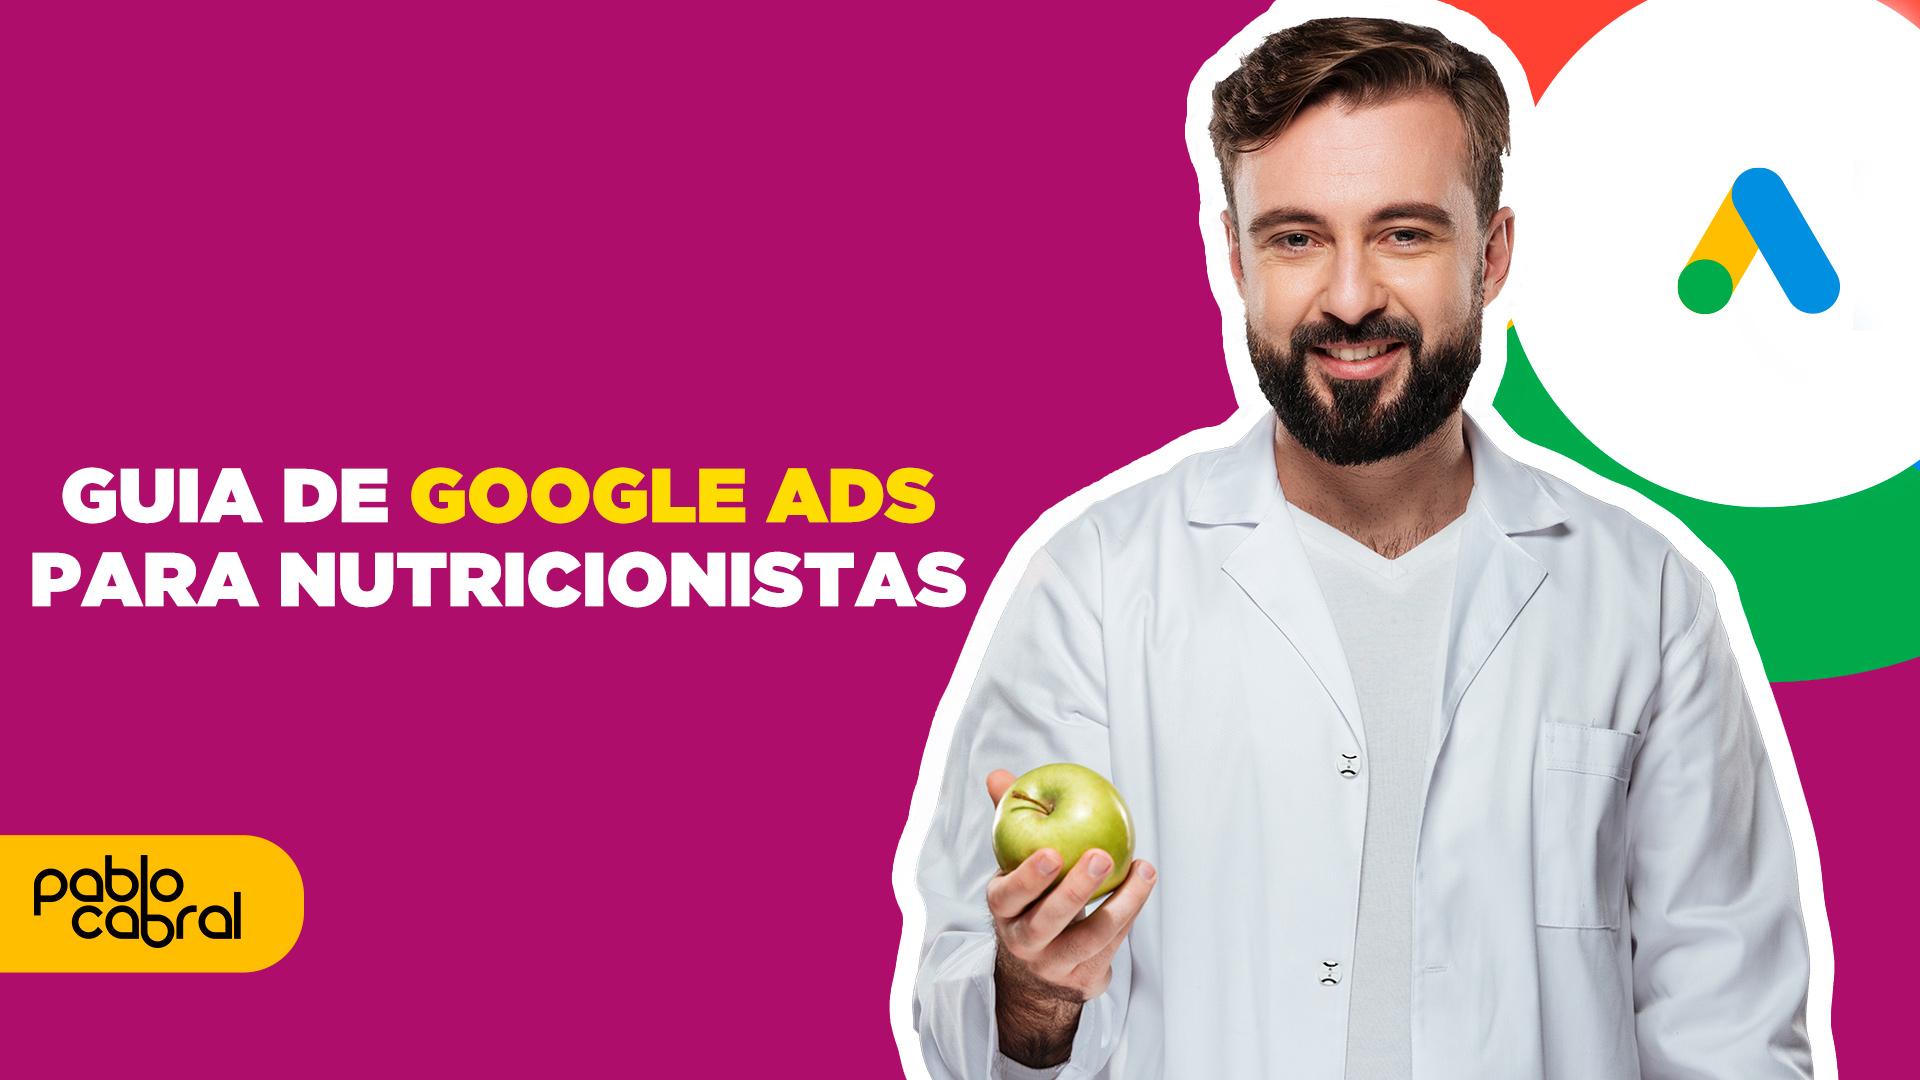 google ads para nutricionistas